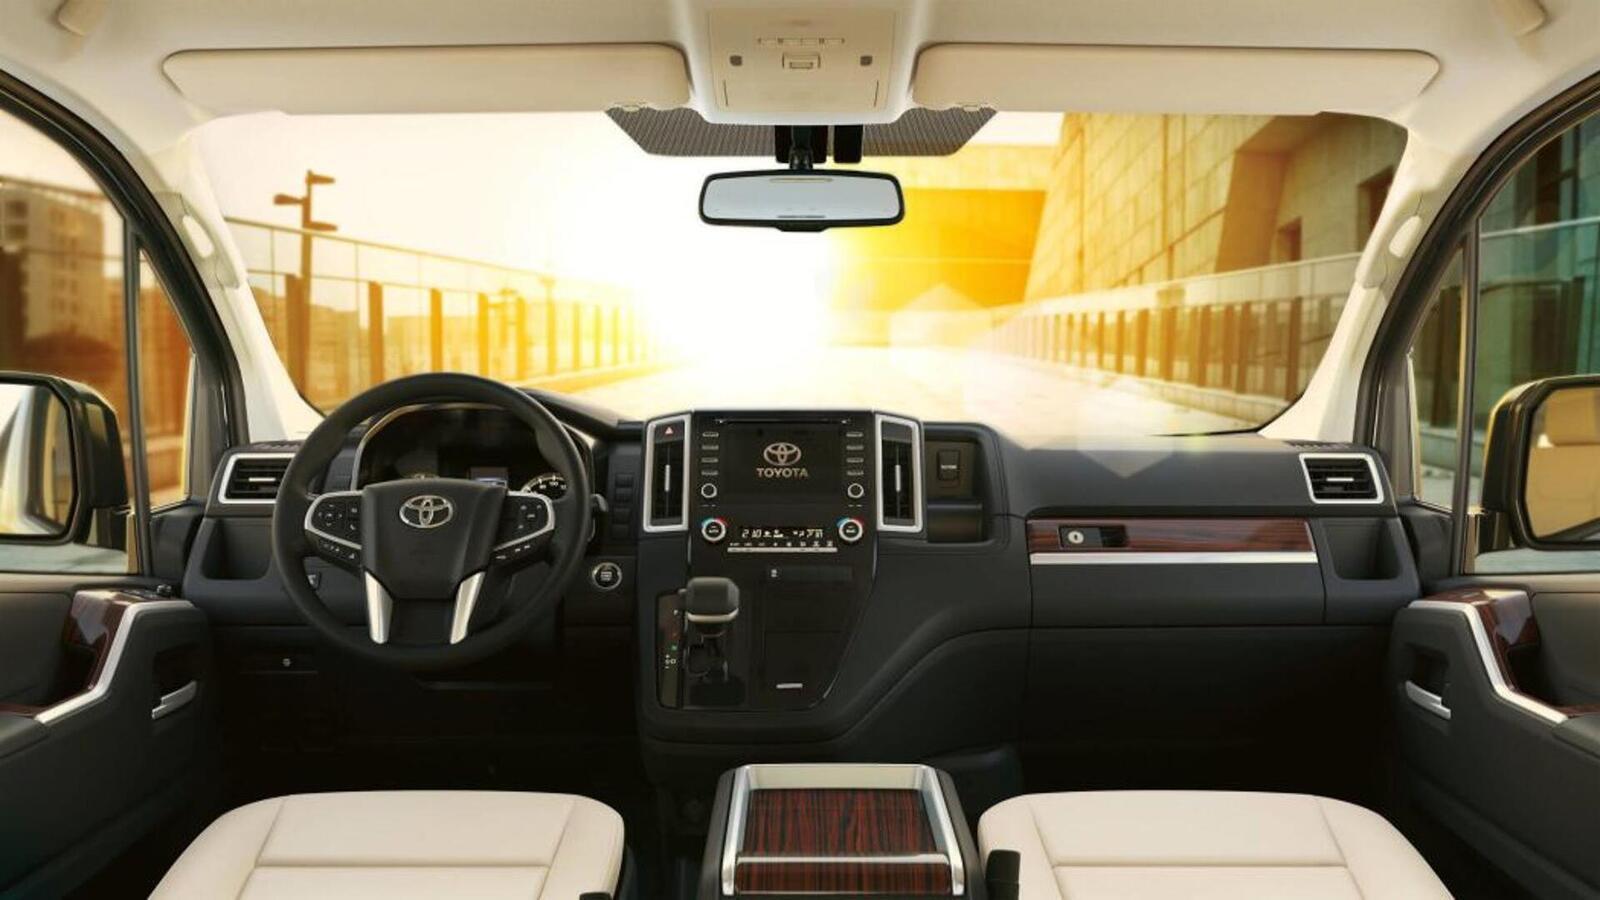 Xem trước MPV Toyota Granvia sắp được ra mắt: Định vị dưới Alphard một bậc - Hình 3